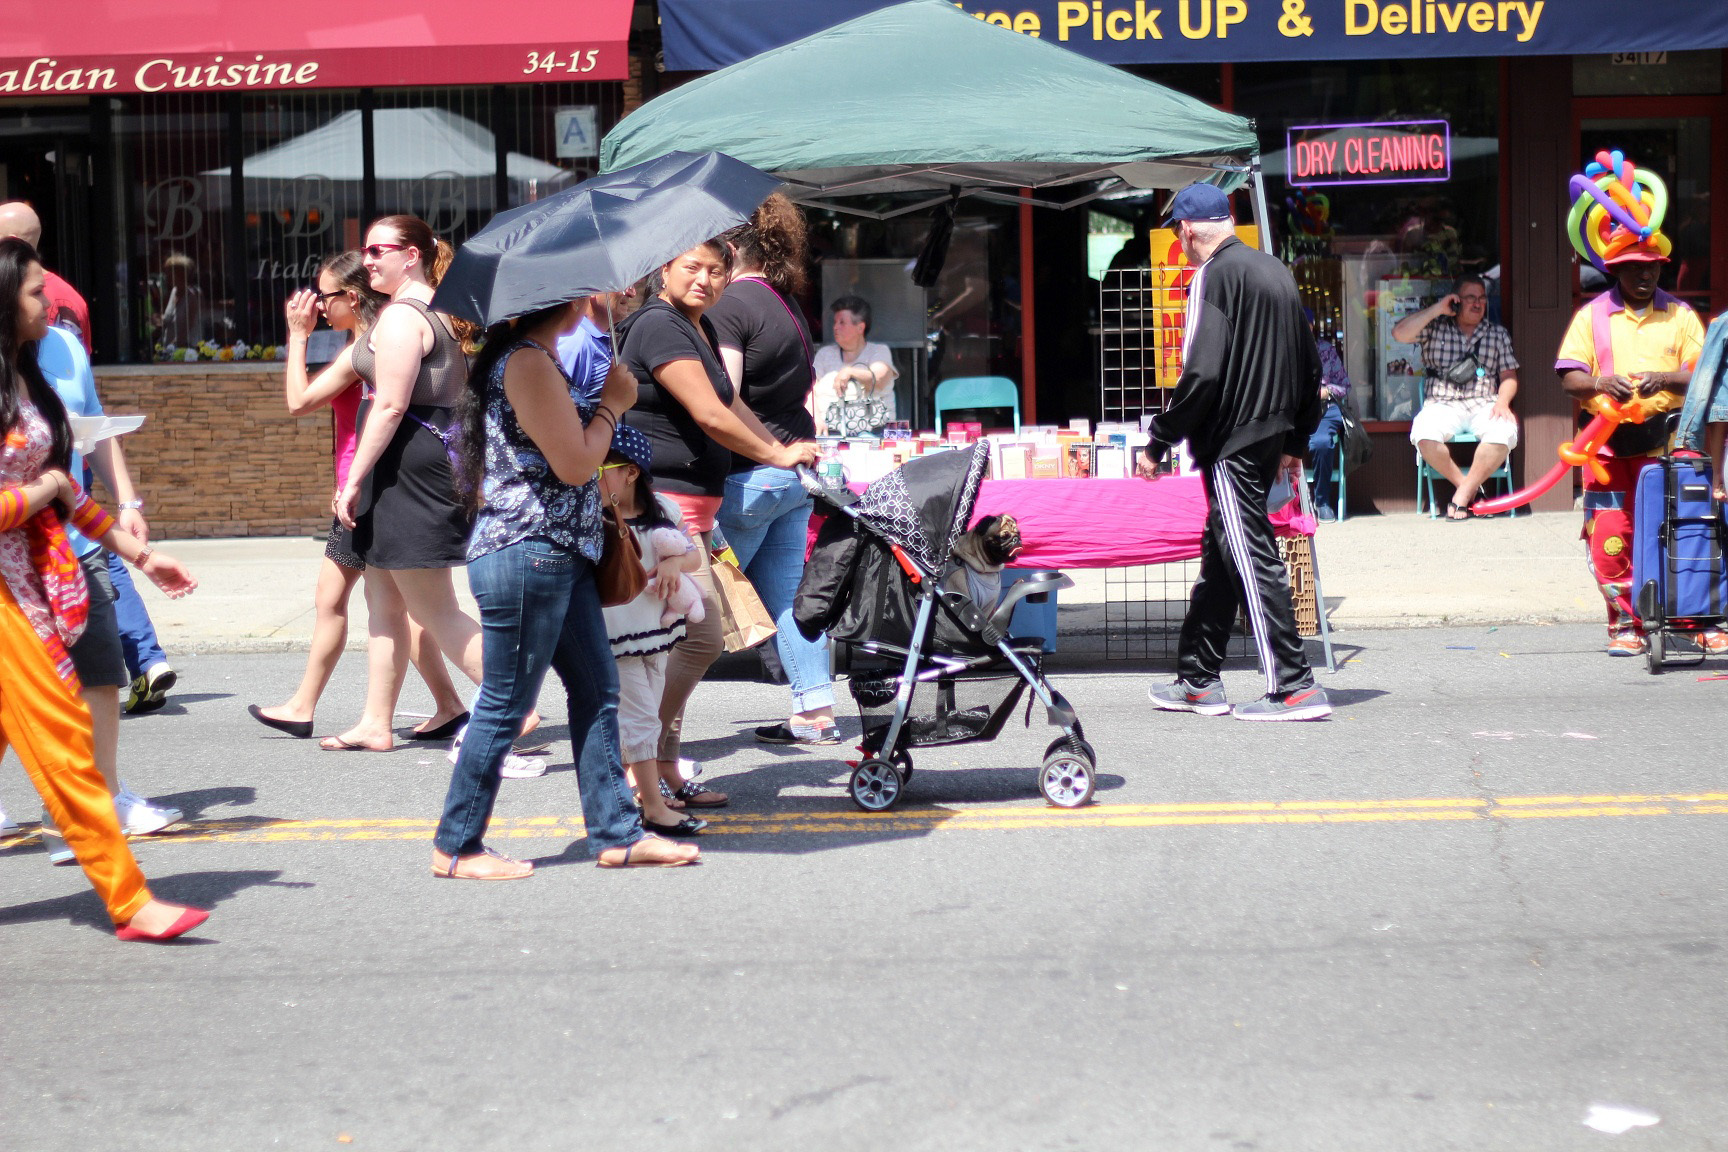 Street festival 5